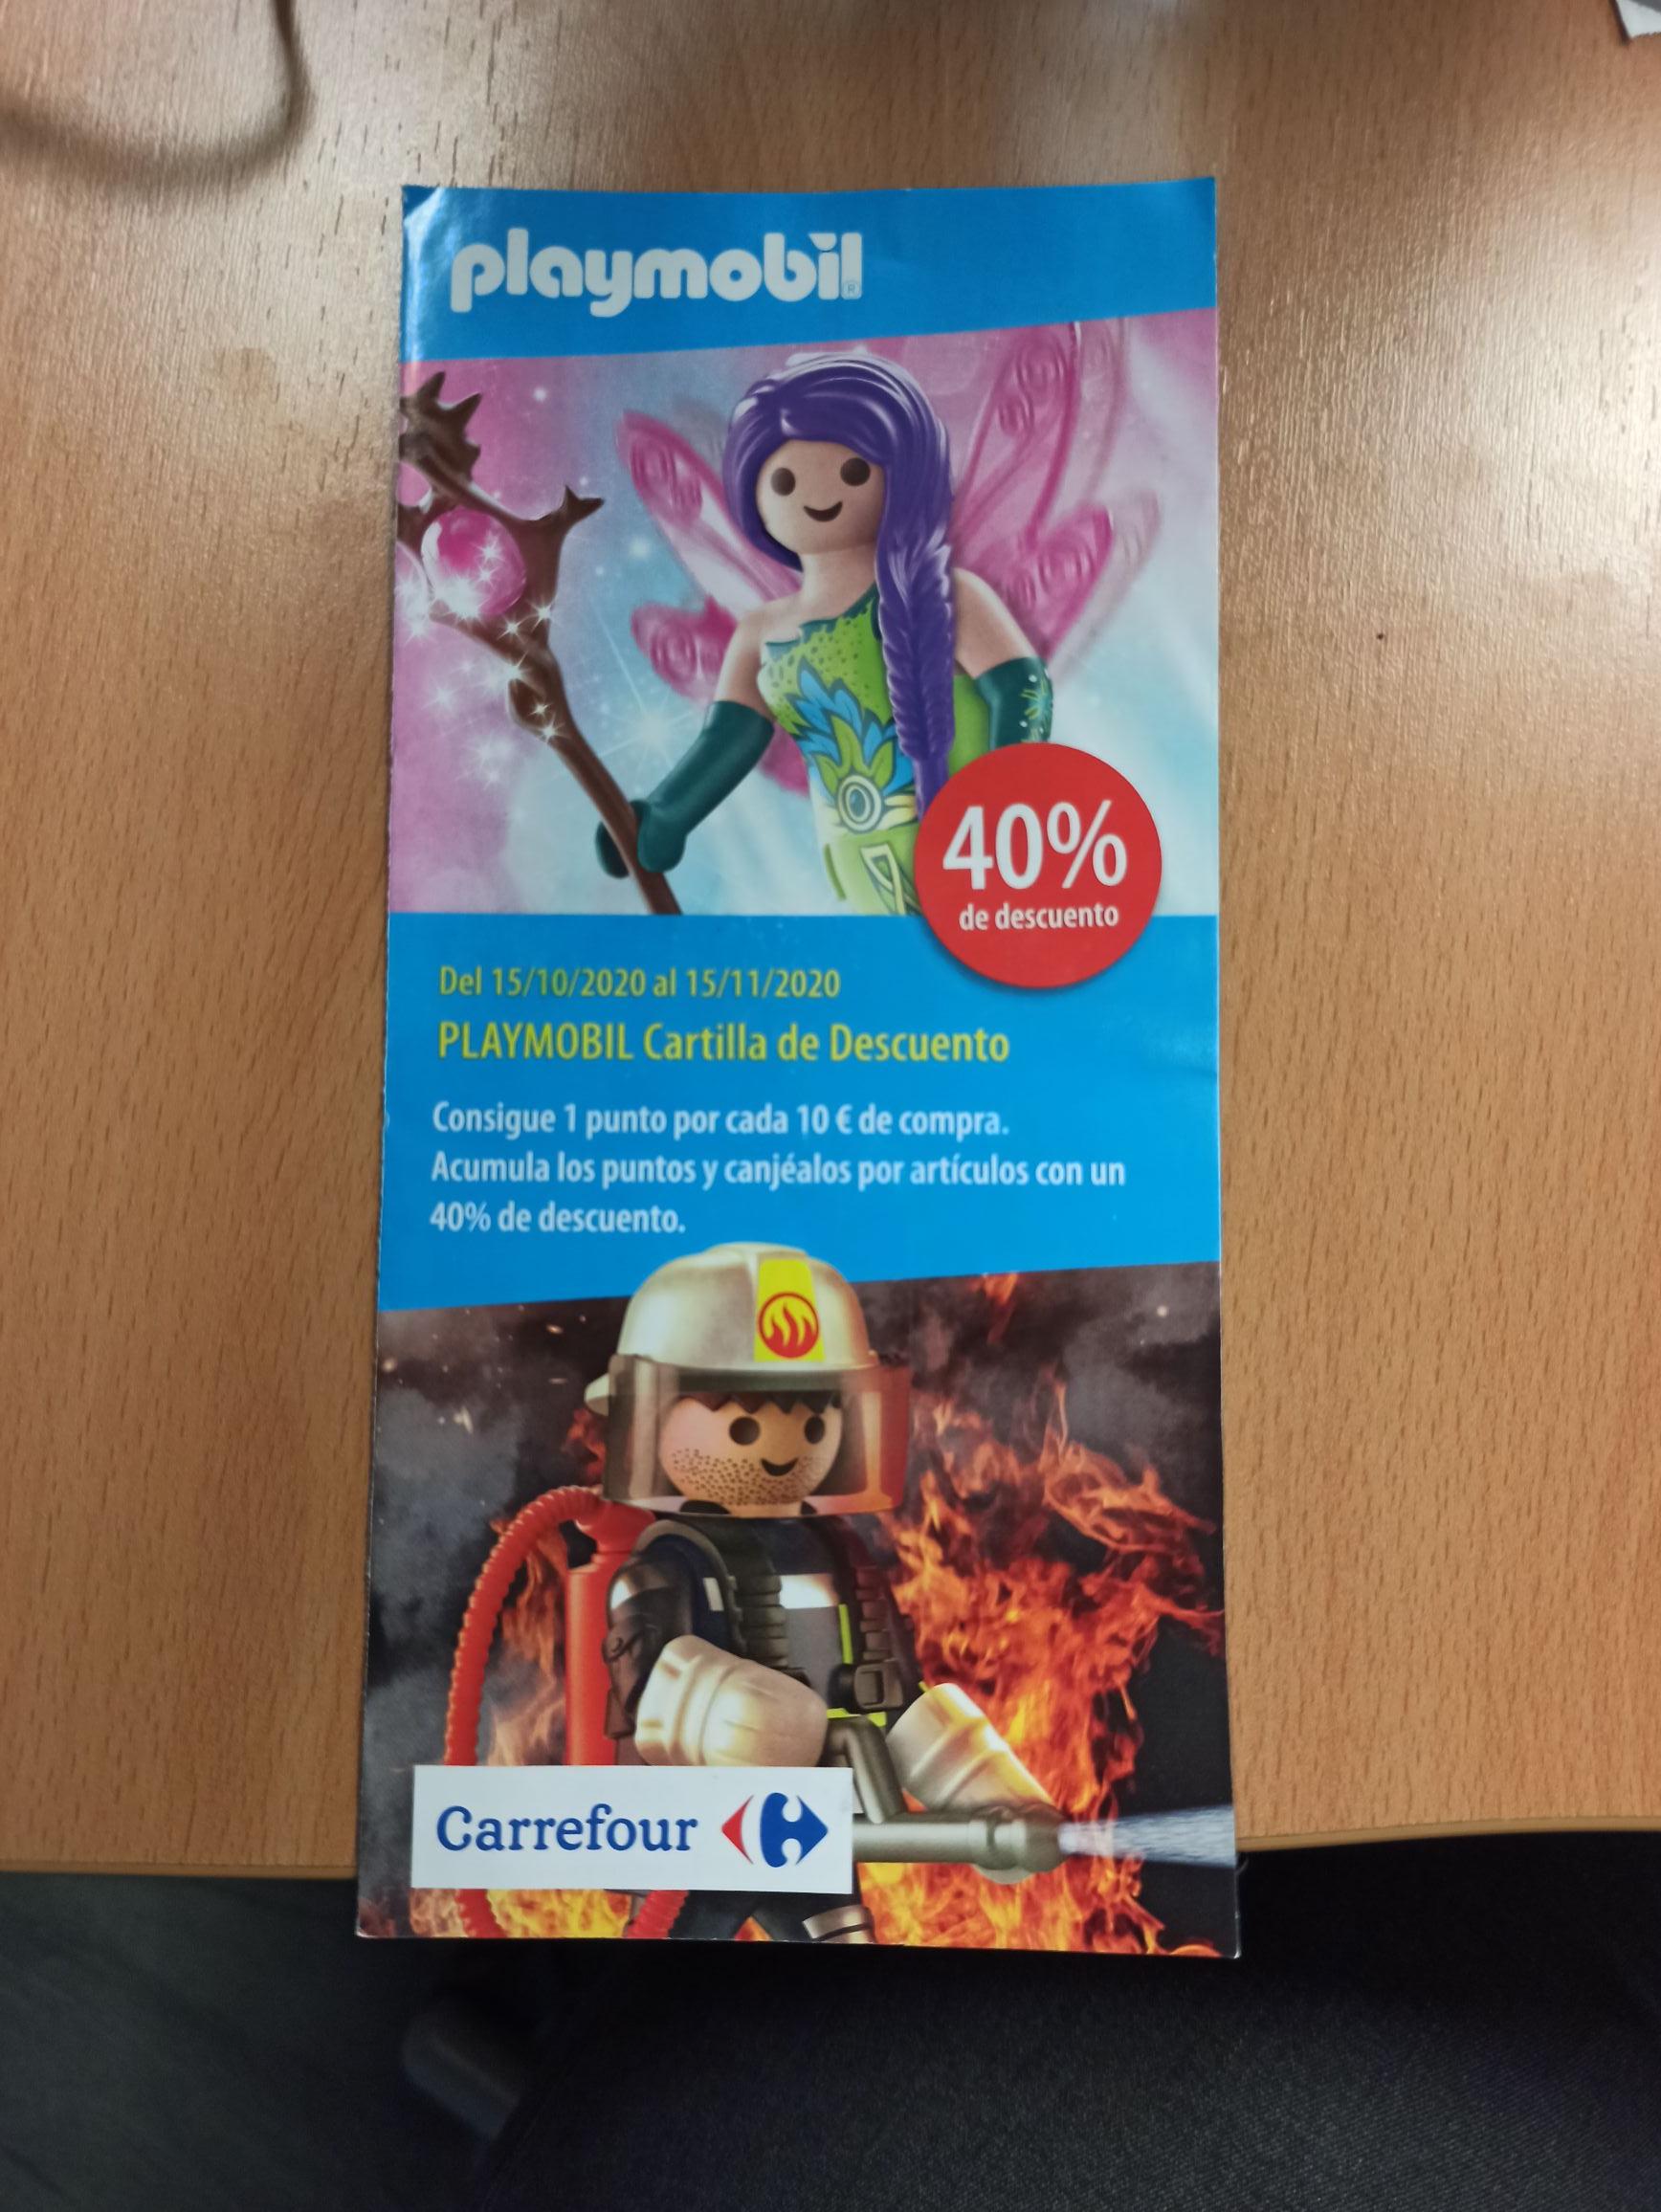 Playmobil - 40% descuento selección Carrefour